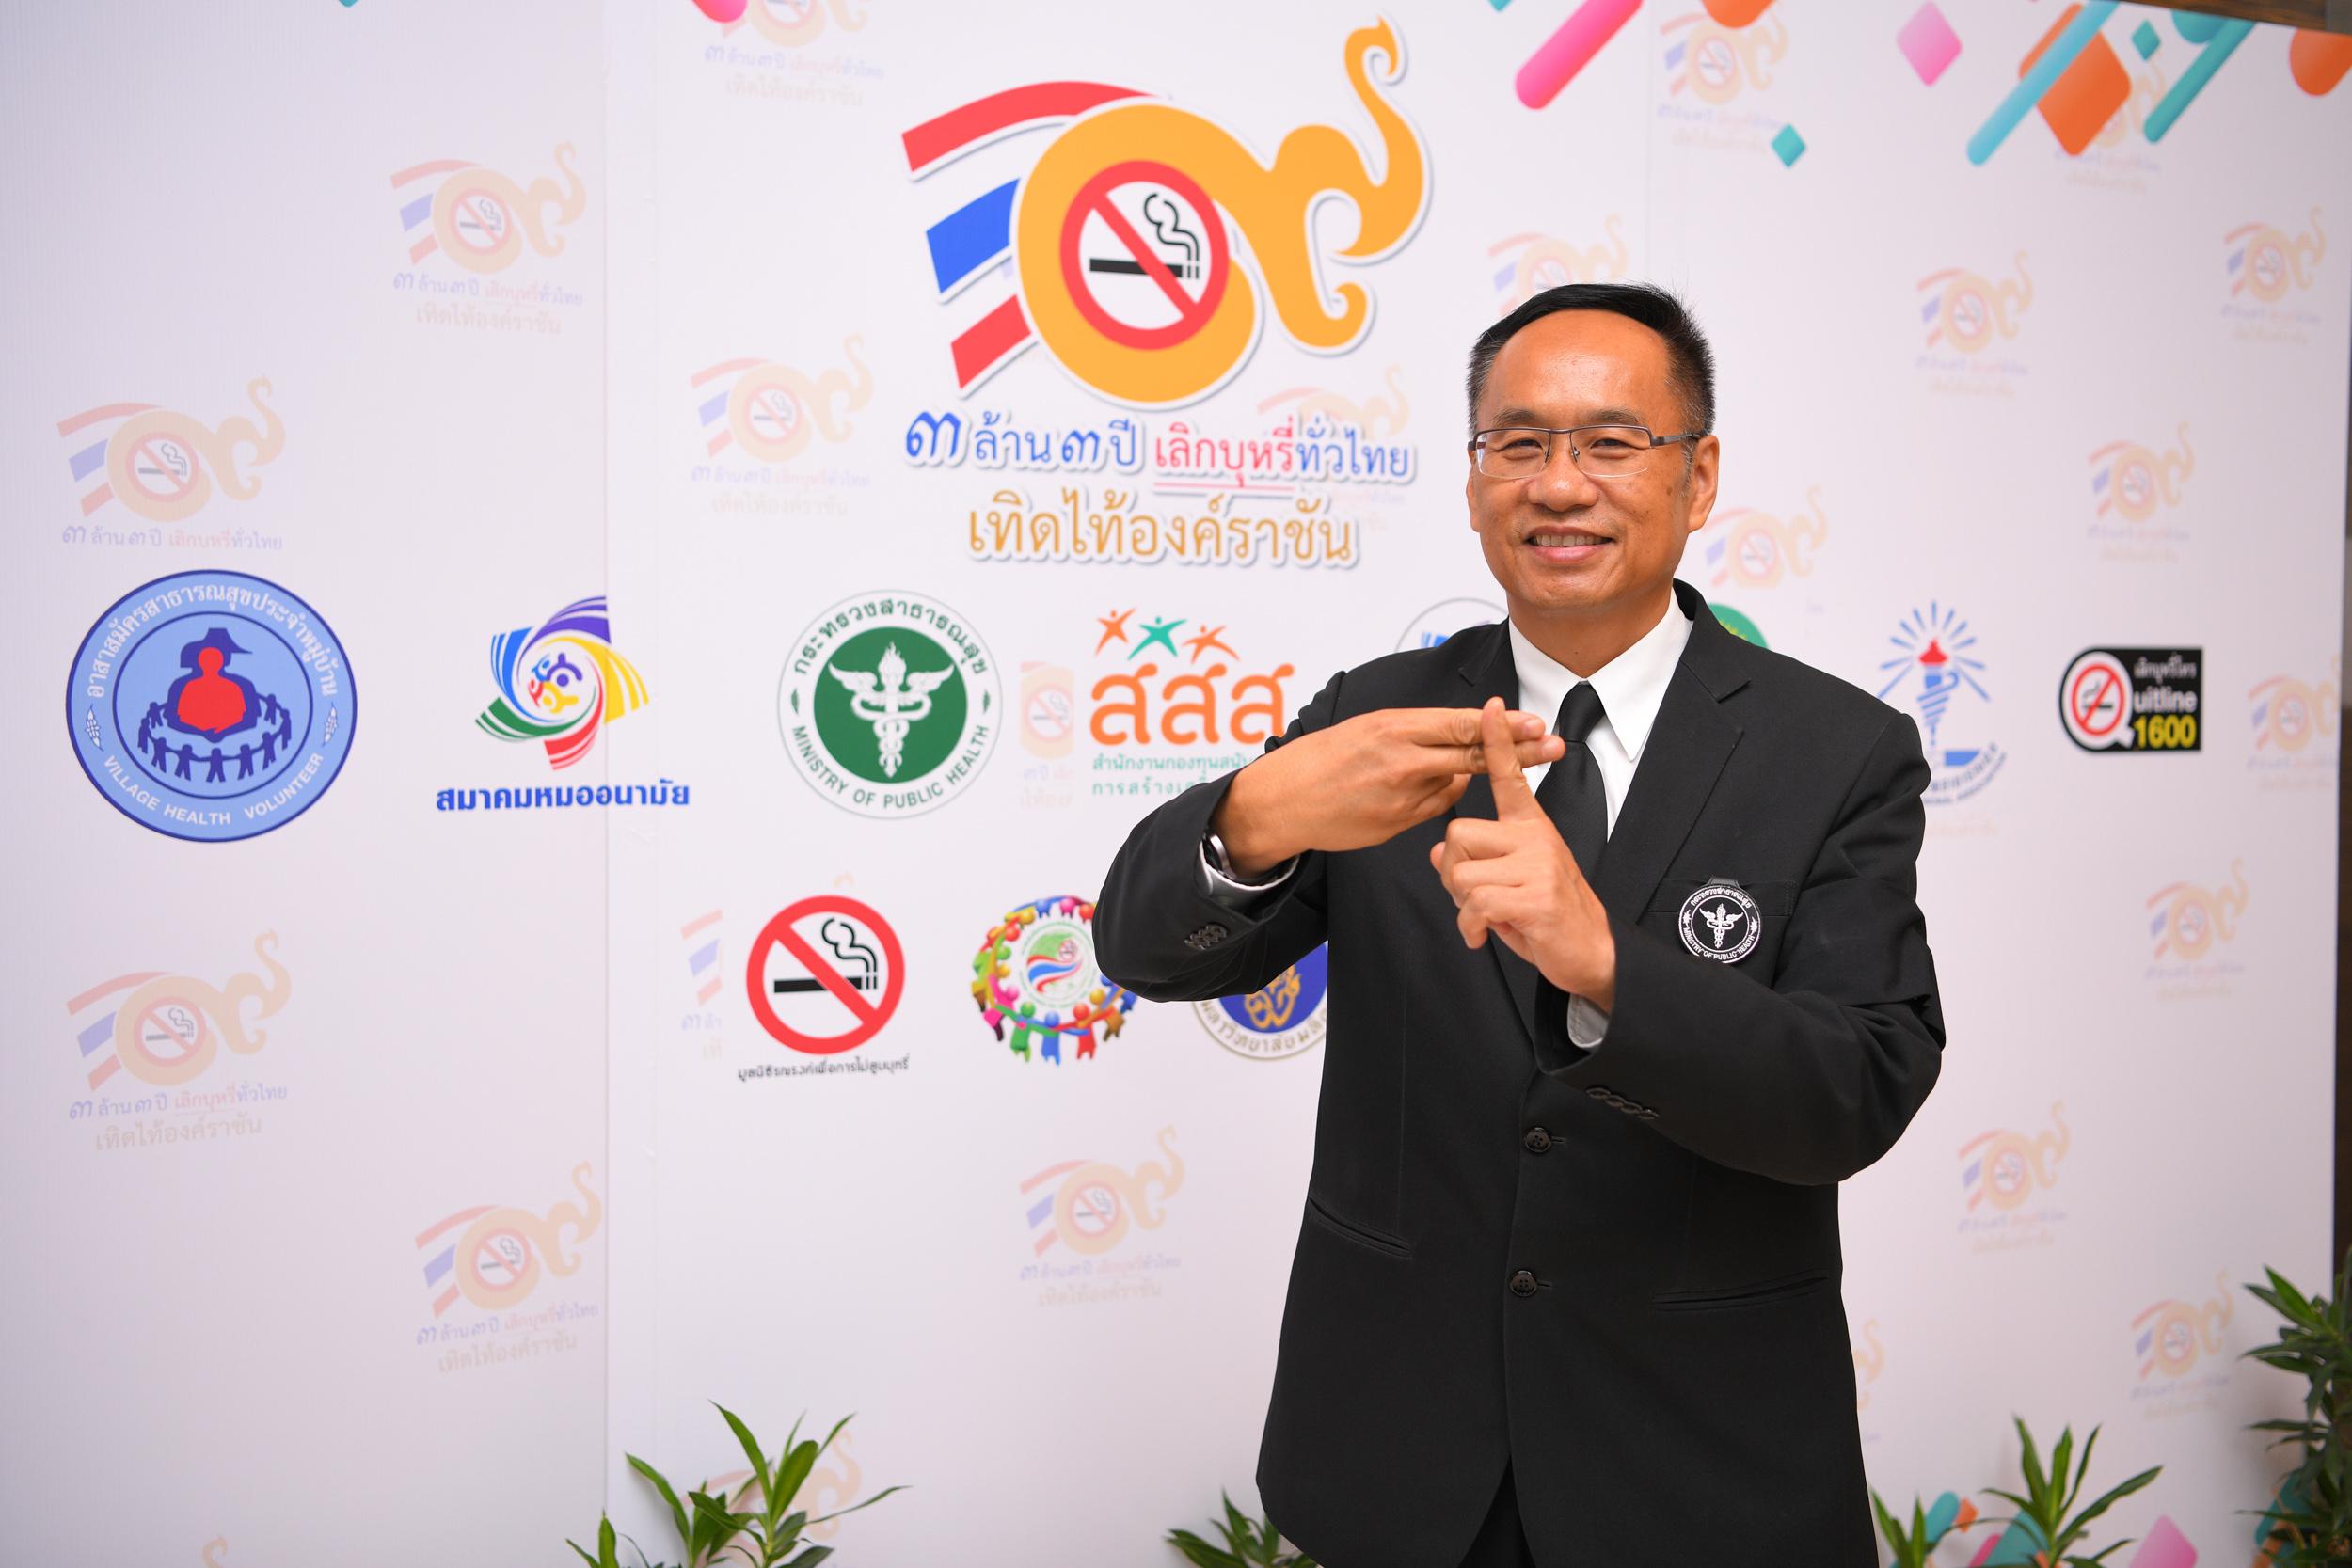 เตรียมจุดพลุ 3 ล้าน 3 ปีเลิกบุหรี่ทั่วไทย ชวนคนเลิกบุหรี่ thaihealth